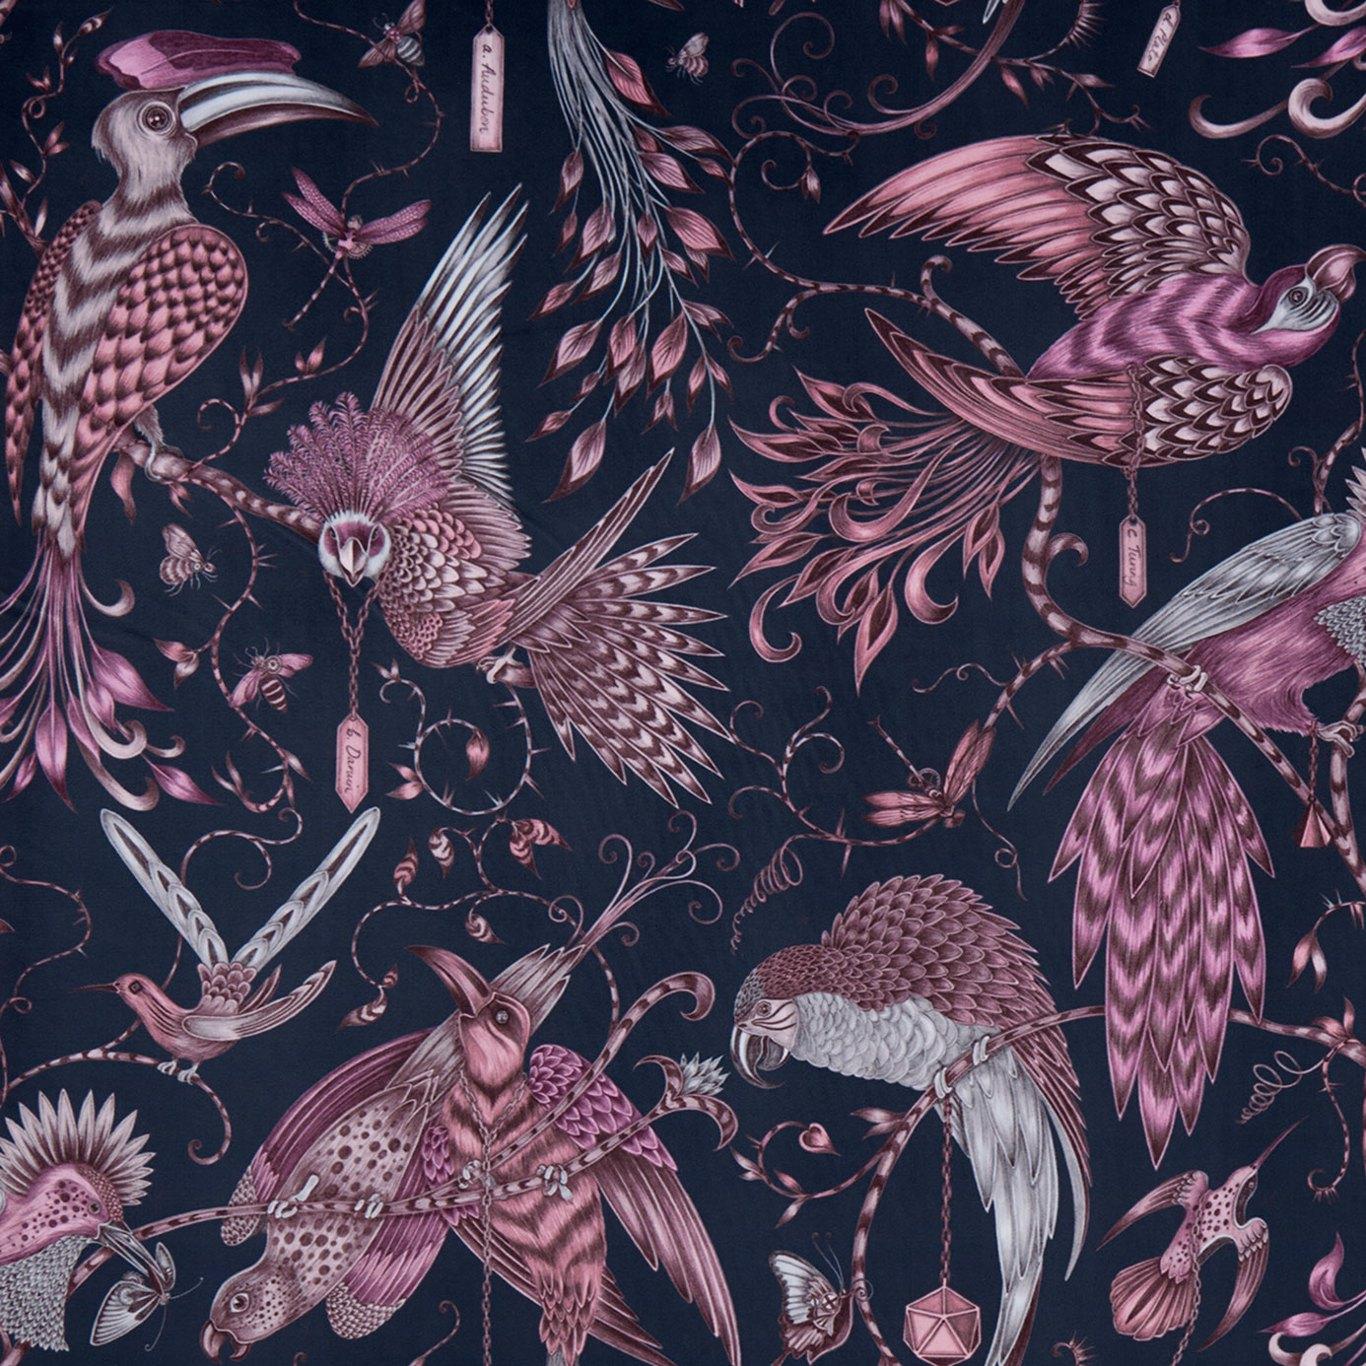 Audubon Velvet by EMS